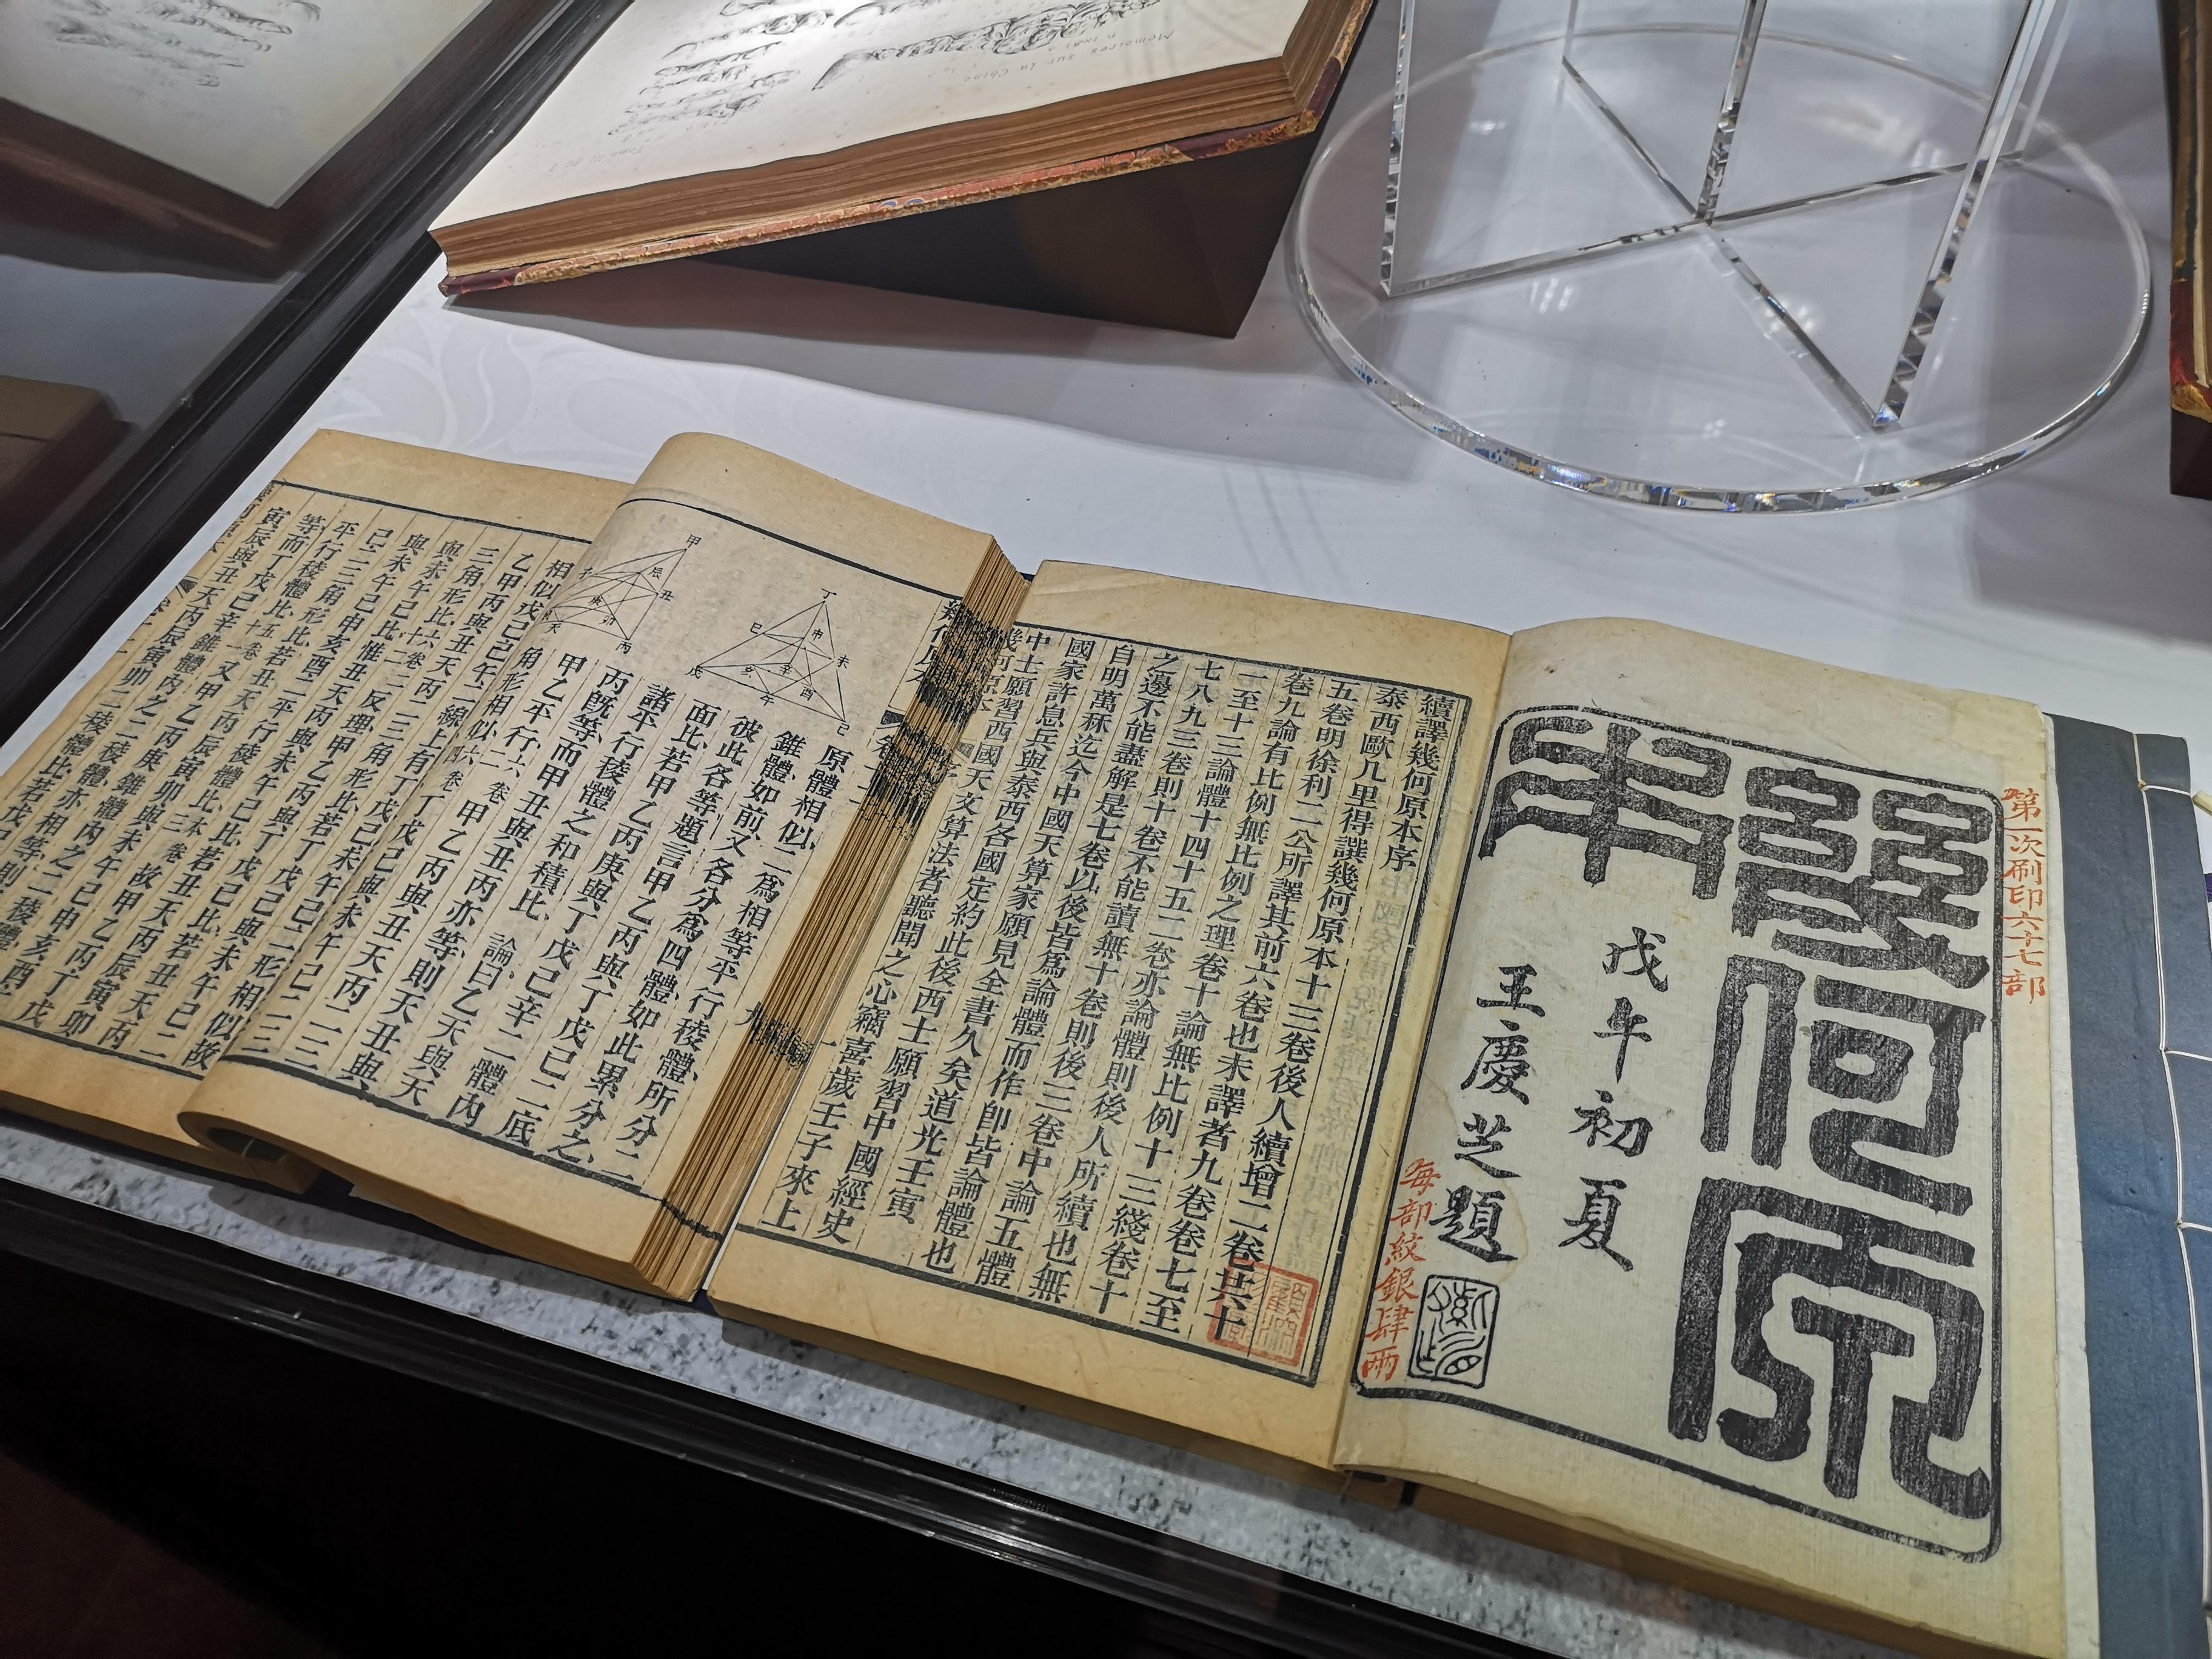 《几何原本》,伟烈亚力、李善兰(译),1858年,中文